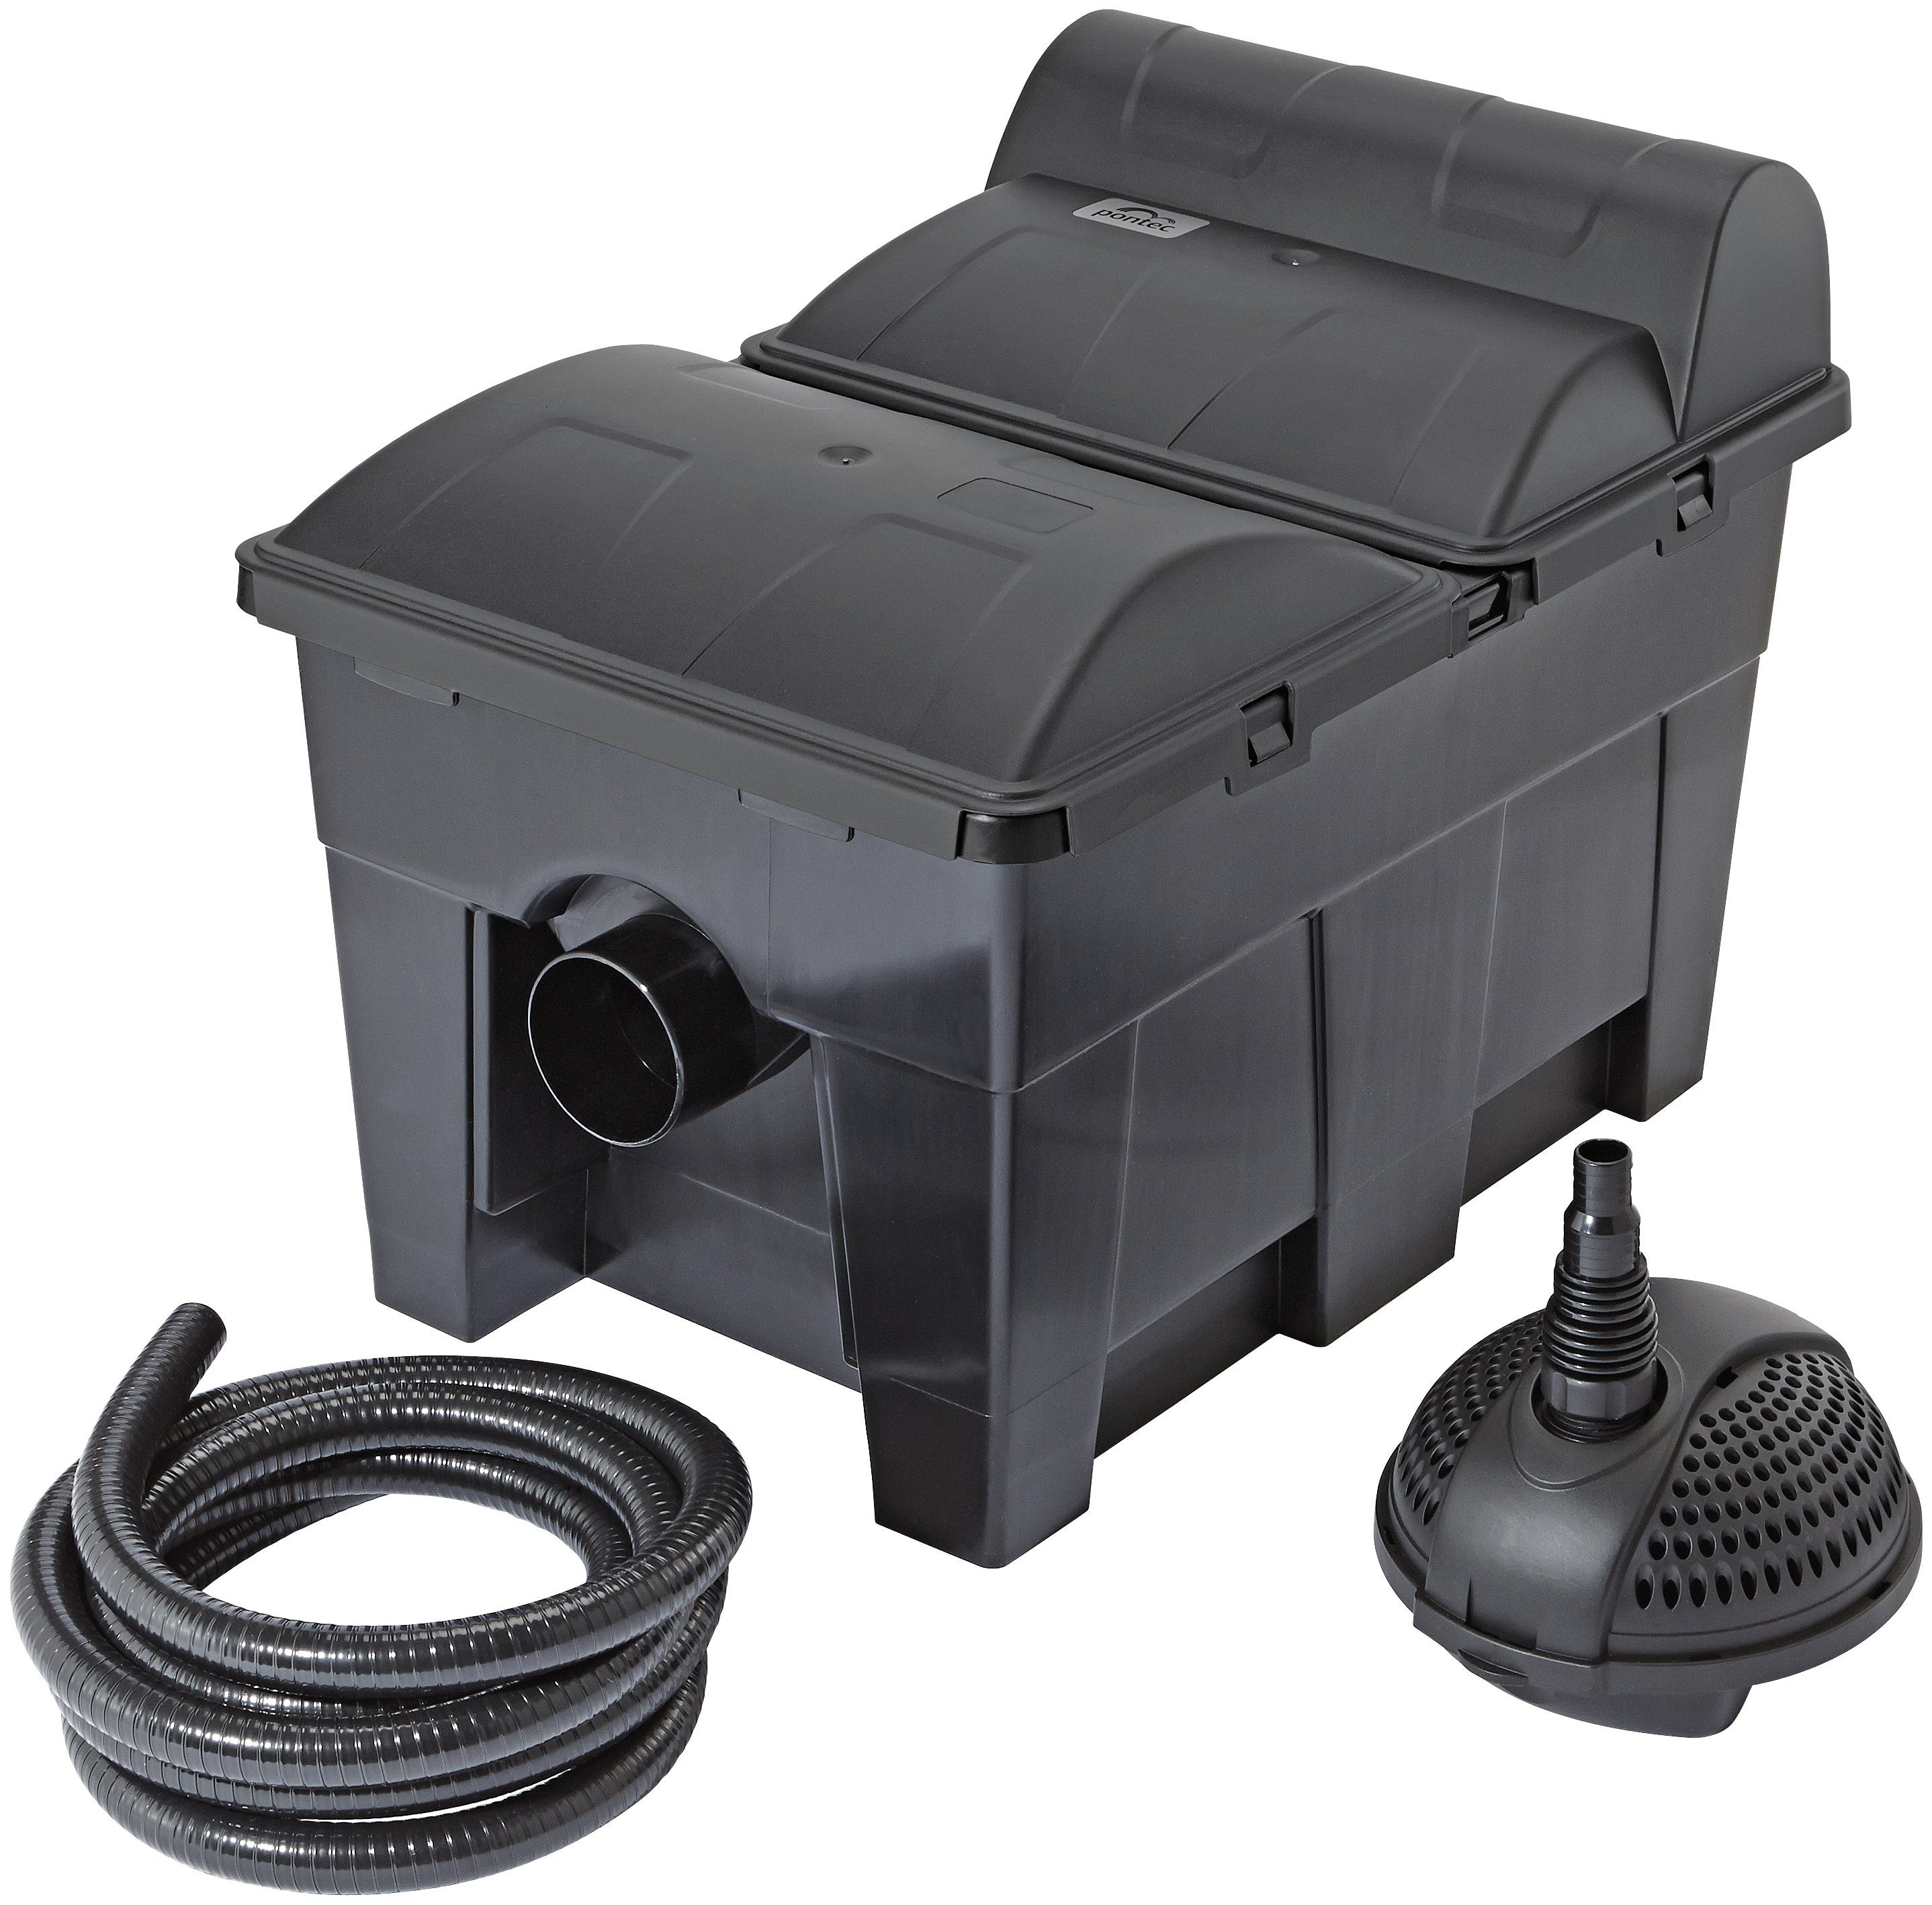 PONTEC Teichfilter »MultiClear Set 15000«, für Teiche bis 15 m³